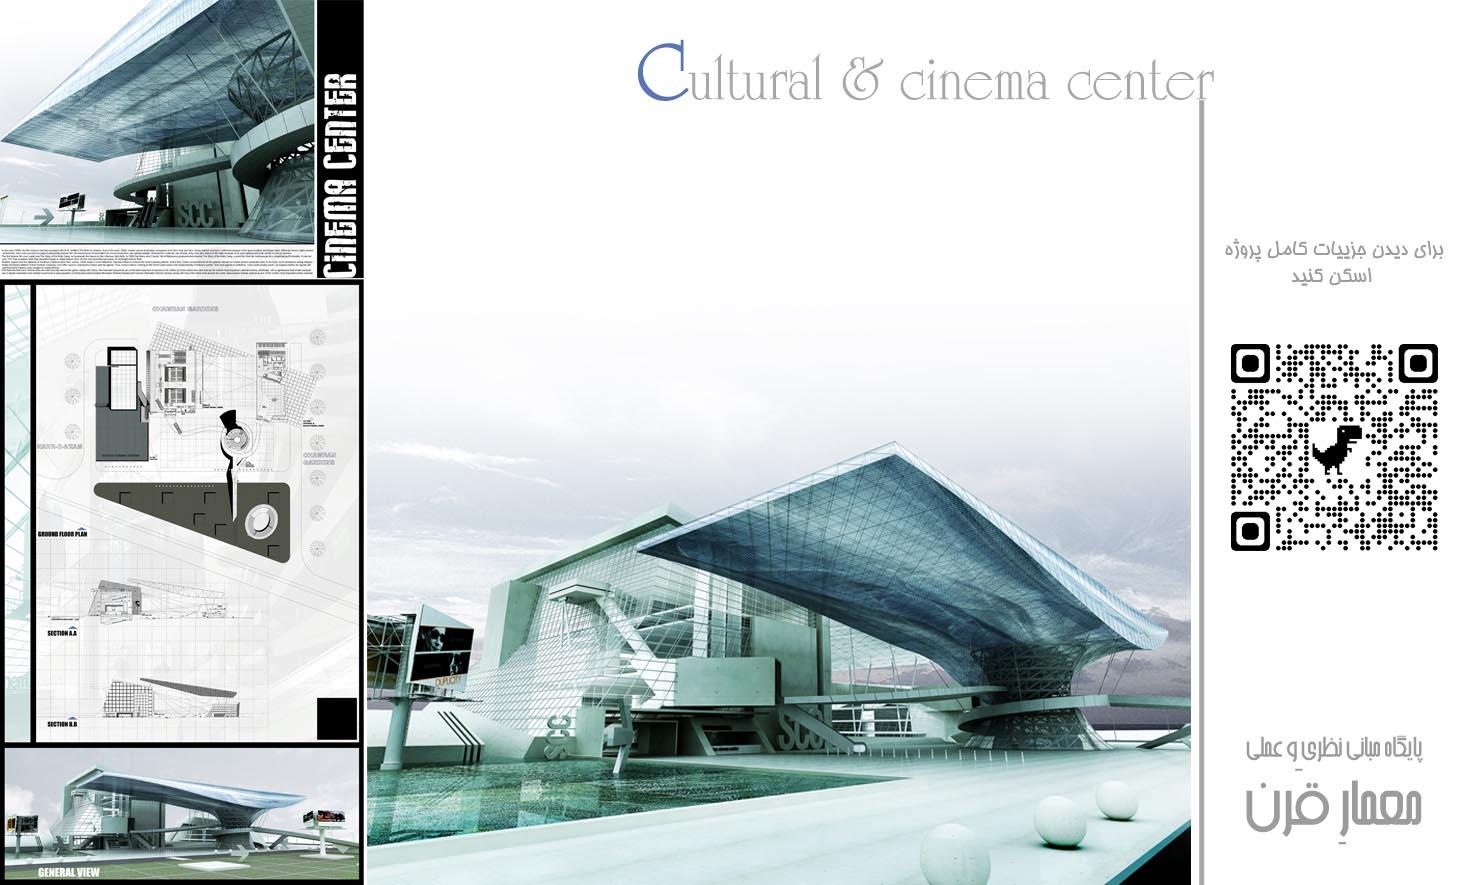 طراحی معماری خانه سینما